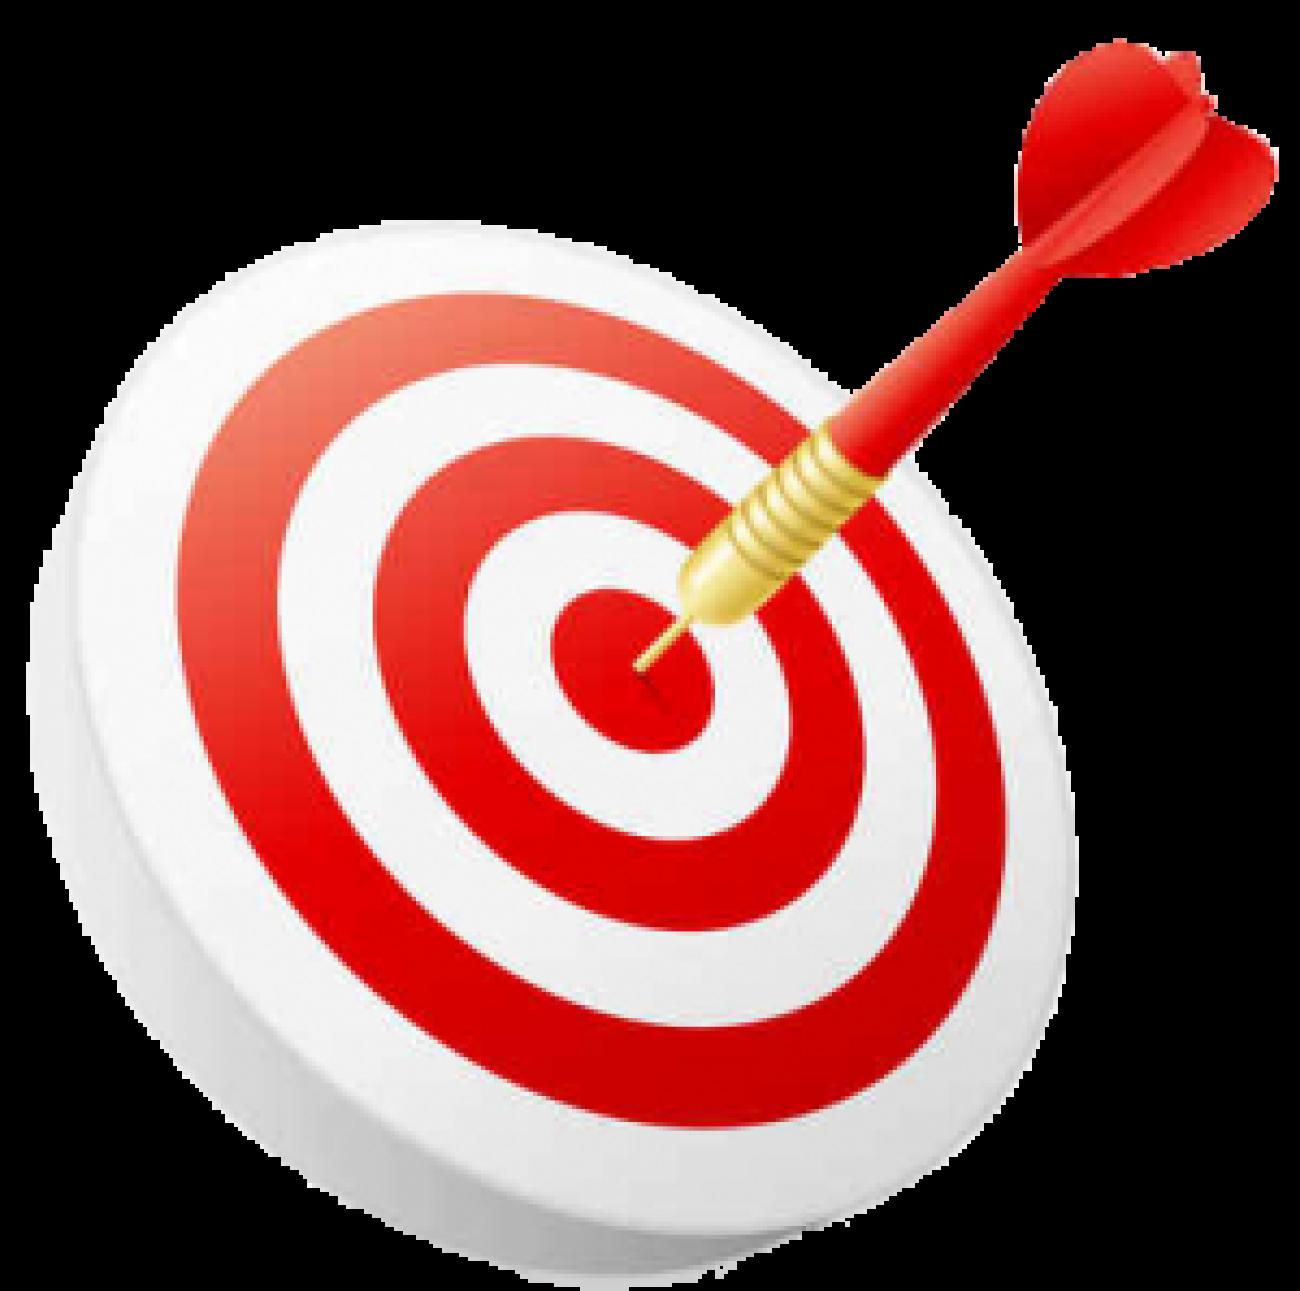 clip black and white stock Goal clipart realistic goal. Dottor andrea miriello psicologo